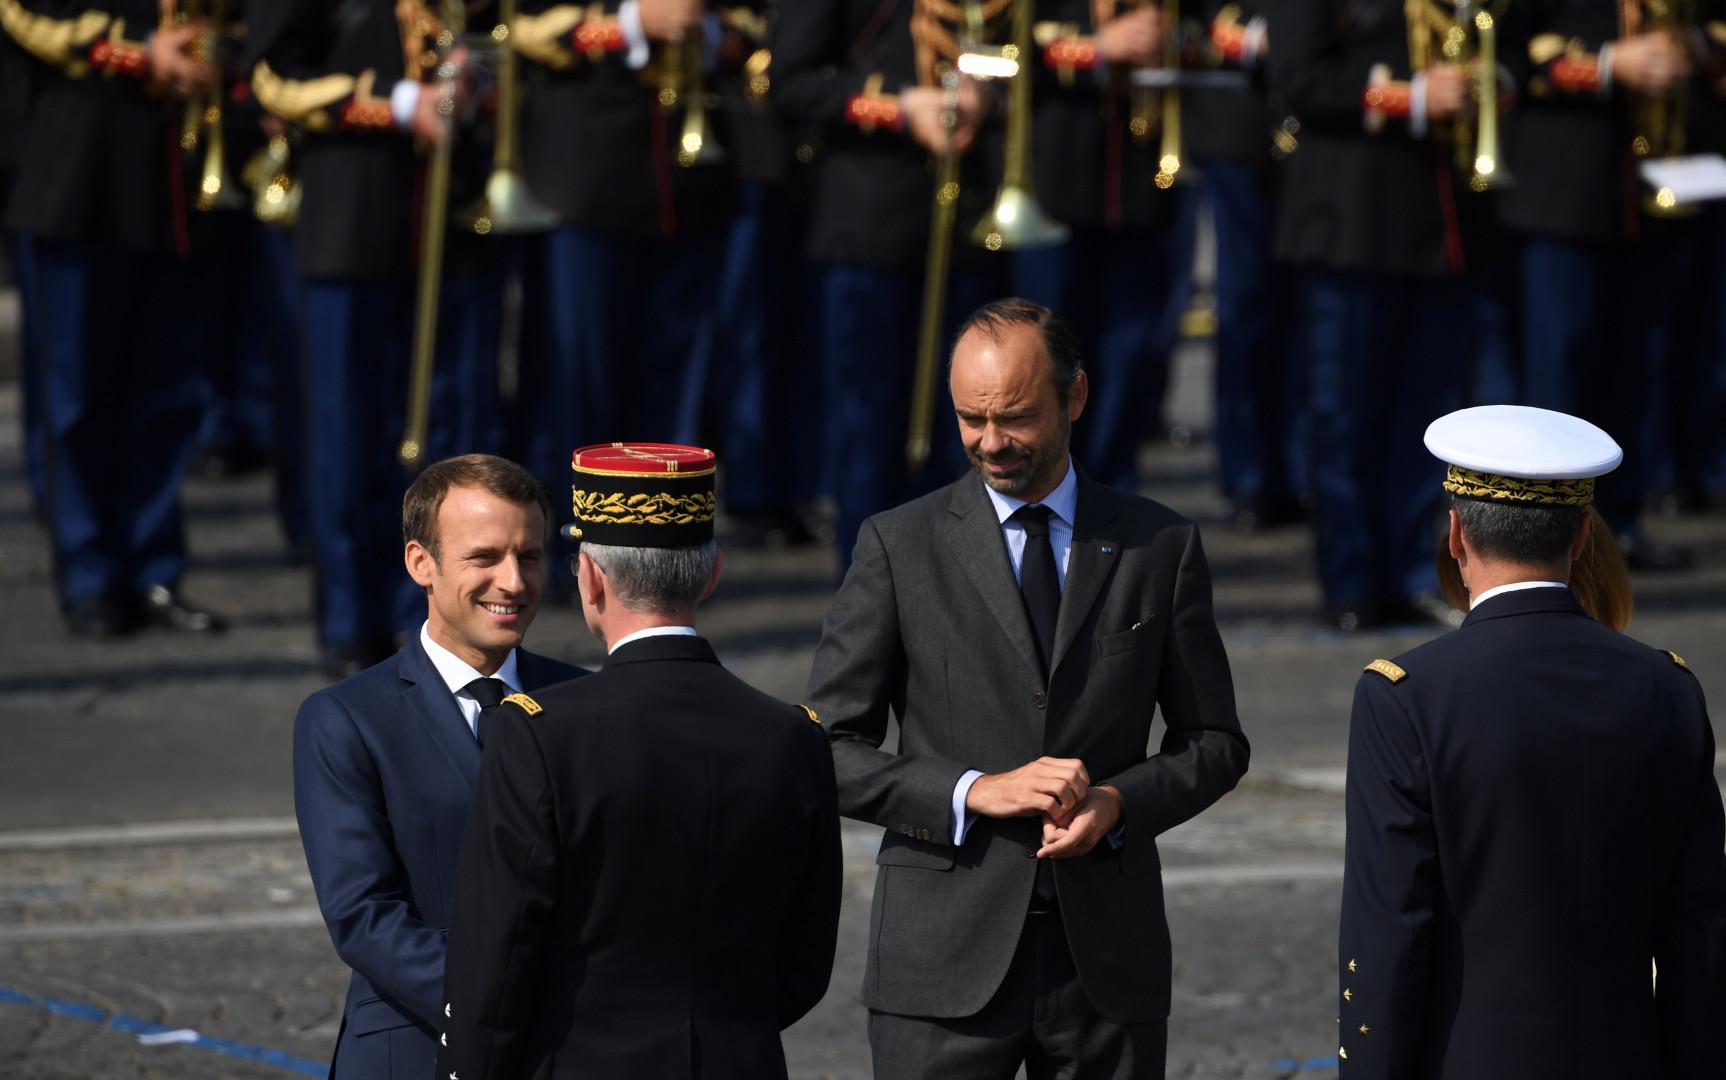 Macron et Philippe saluent les généraux avant le début du défilé